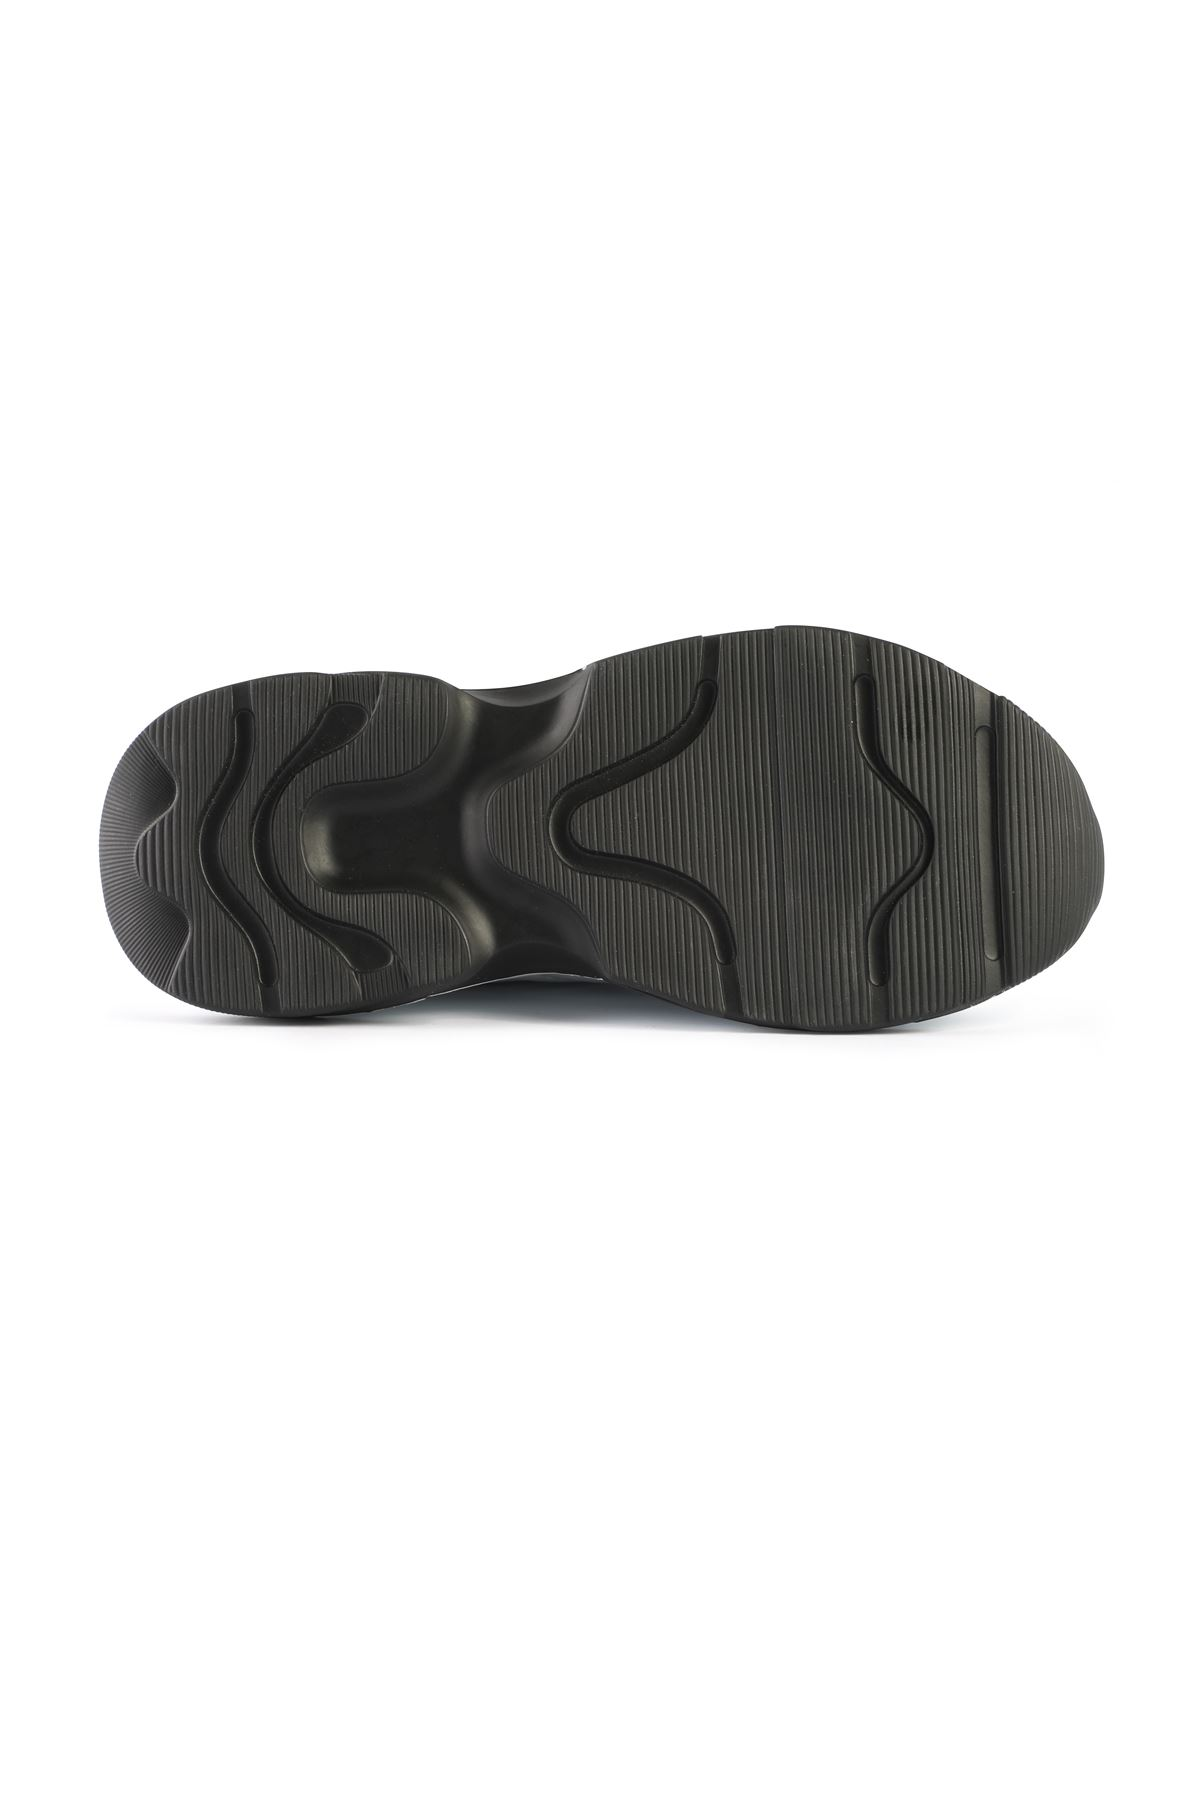 Libero AH019 Beyaz Spor Ayakkabı